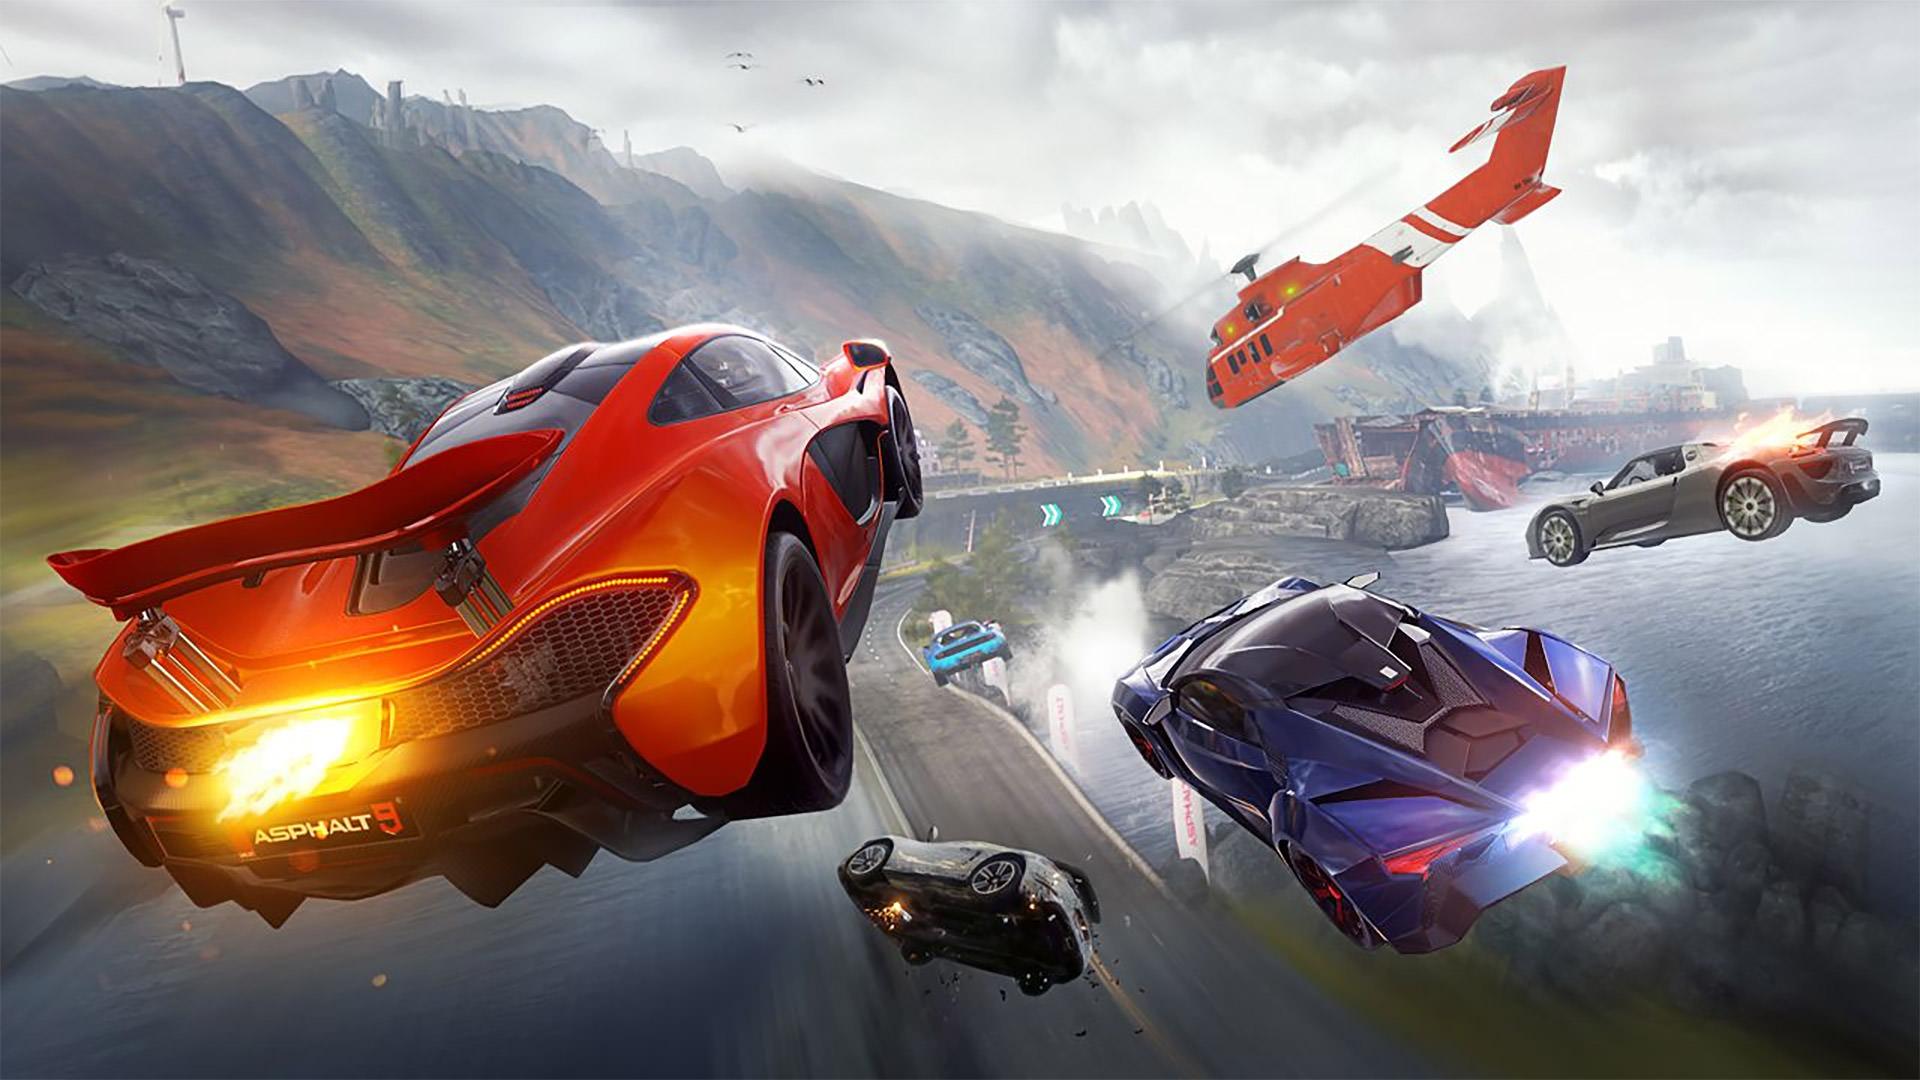 3 juegos gratis por tiempo limitado que todos están descargando